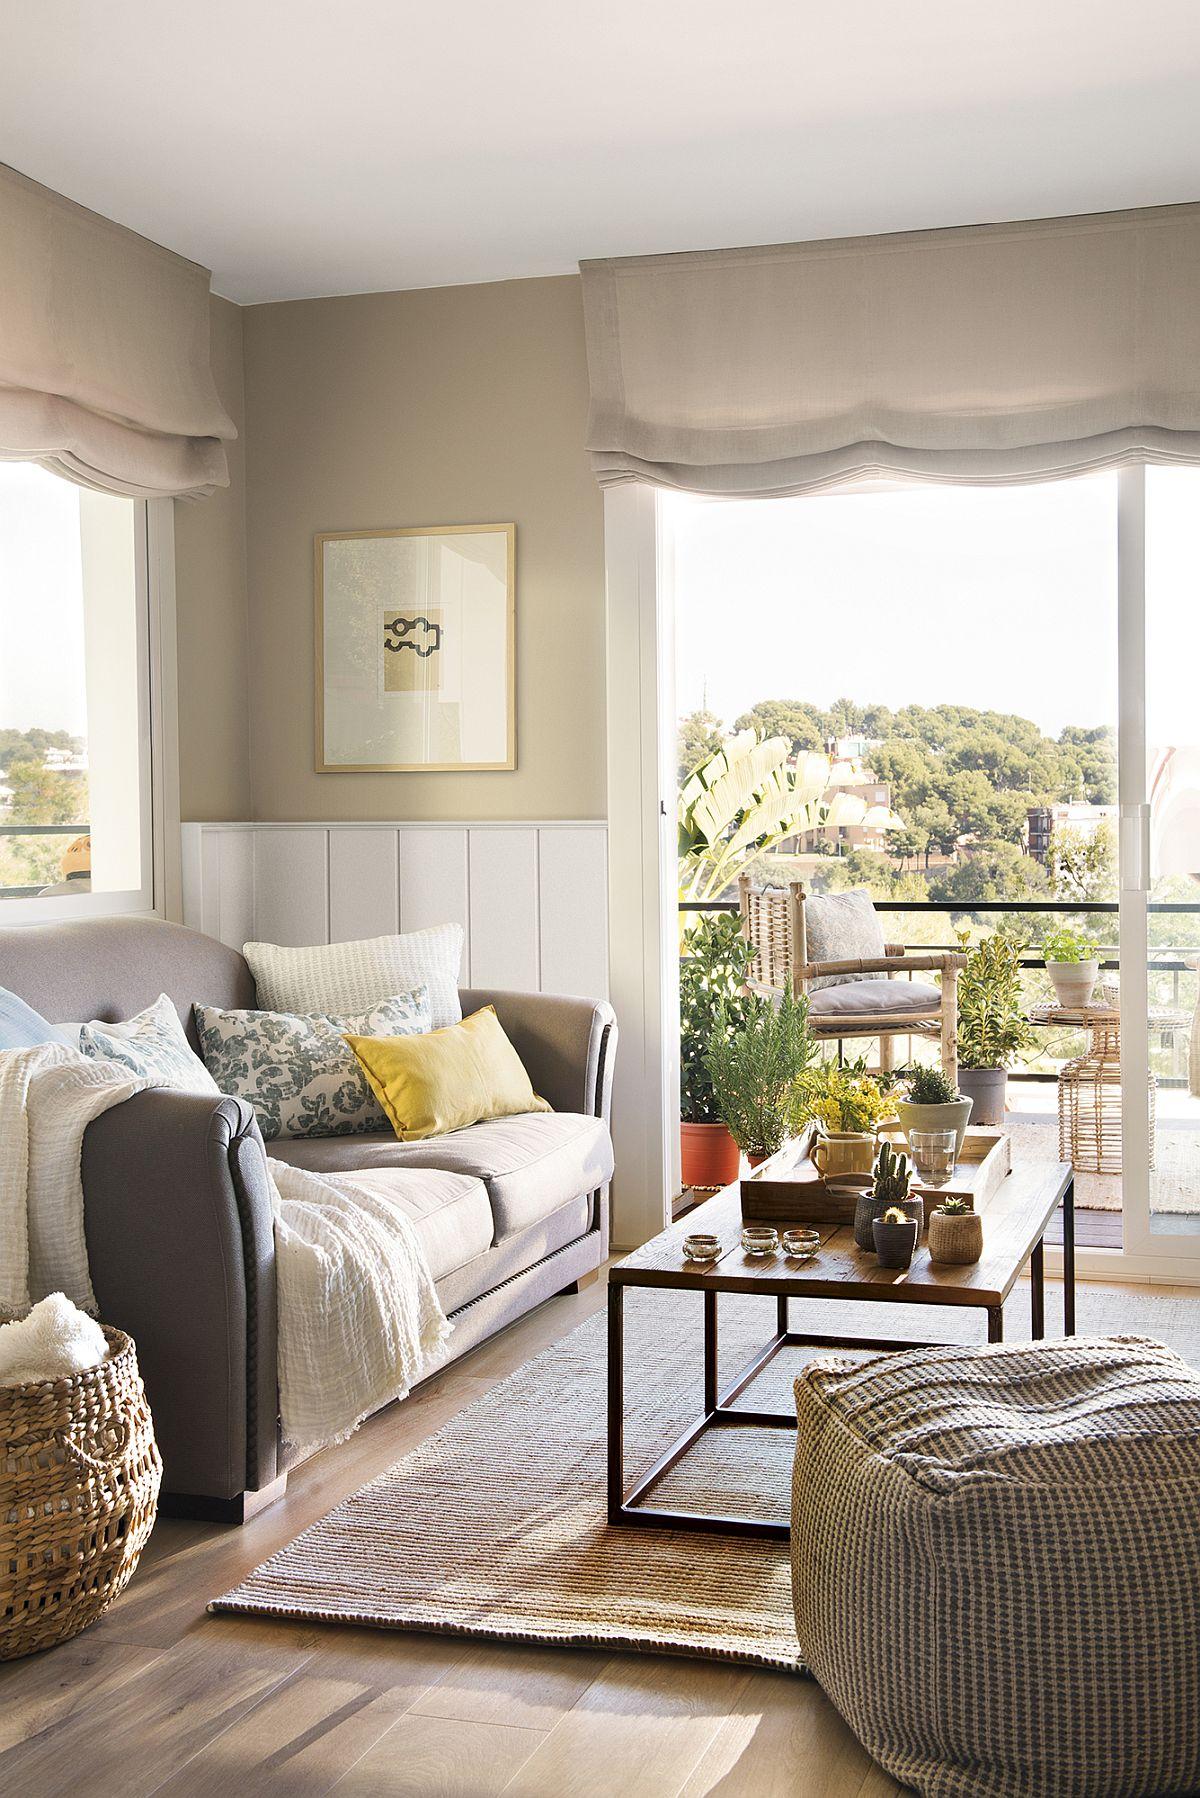 Canapeaua a fost amplasată în lateralul ferestrei înalte, un truc bun pentru ca spațiul mic să pară mai mare, să pară că se continuă către balcon. De asemnea storurile lasă mai multă lumină naturală la interior, ceea ce contribuie la o stare de bine și nu încarcă nici suprafața ferestrelor, nici spațiul zonei de zi. Covorul este ales aproape de nuanța parchetului, ceea ce nu fragmenează vizual spațiul.